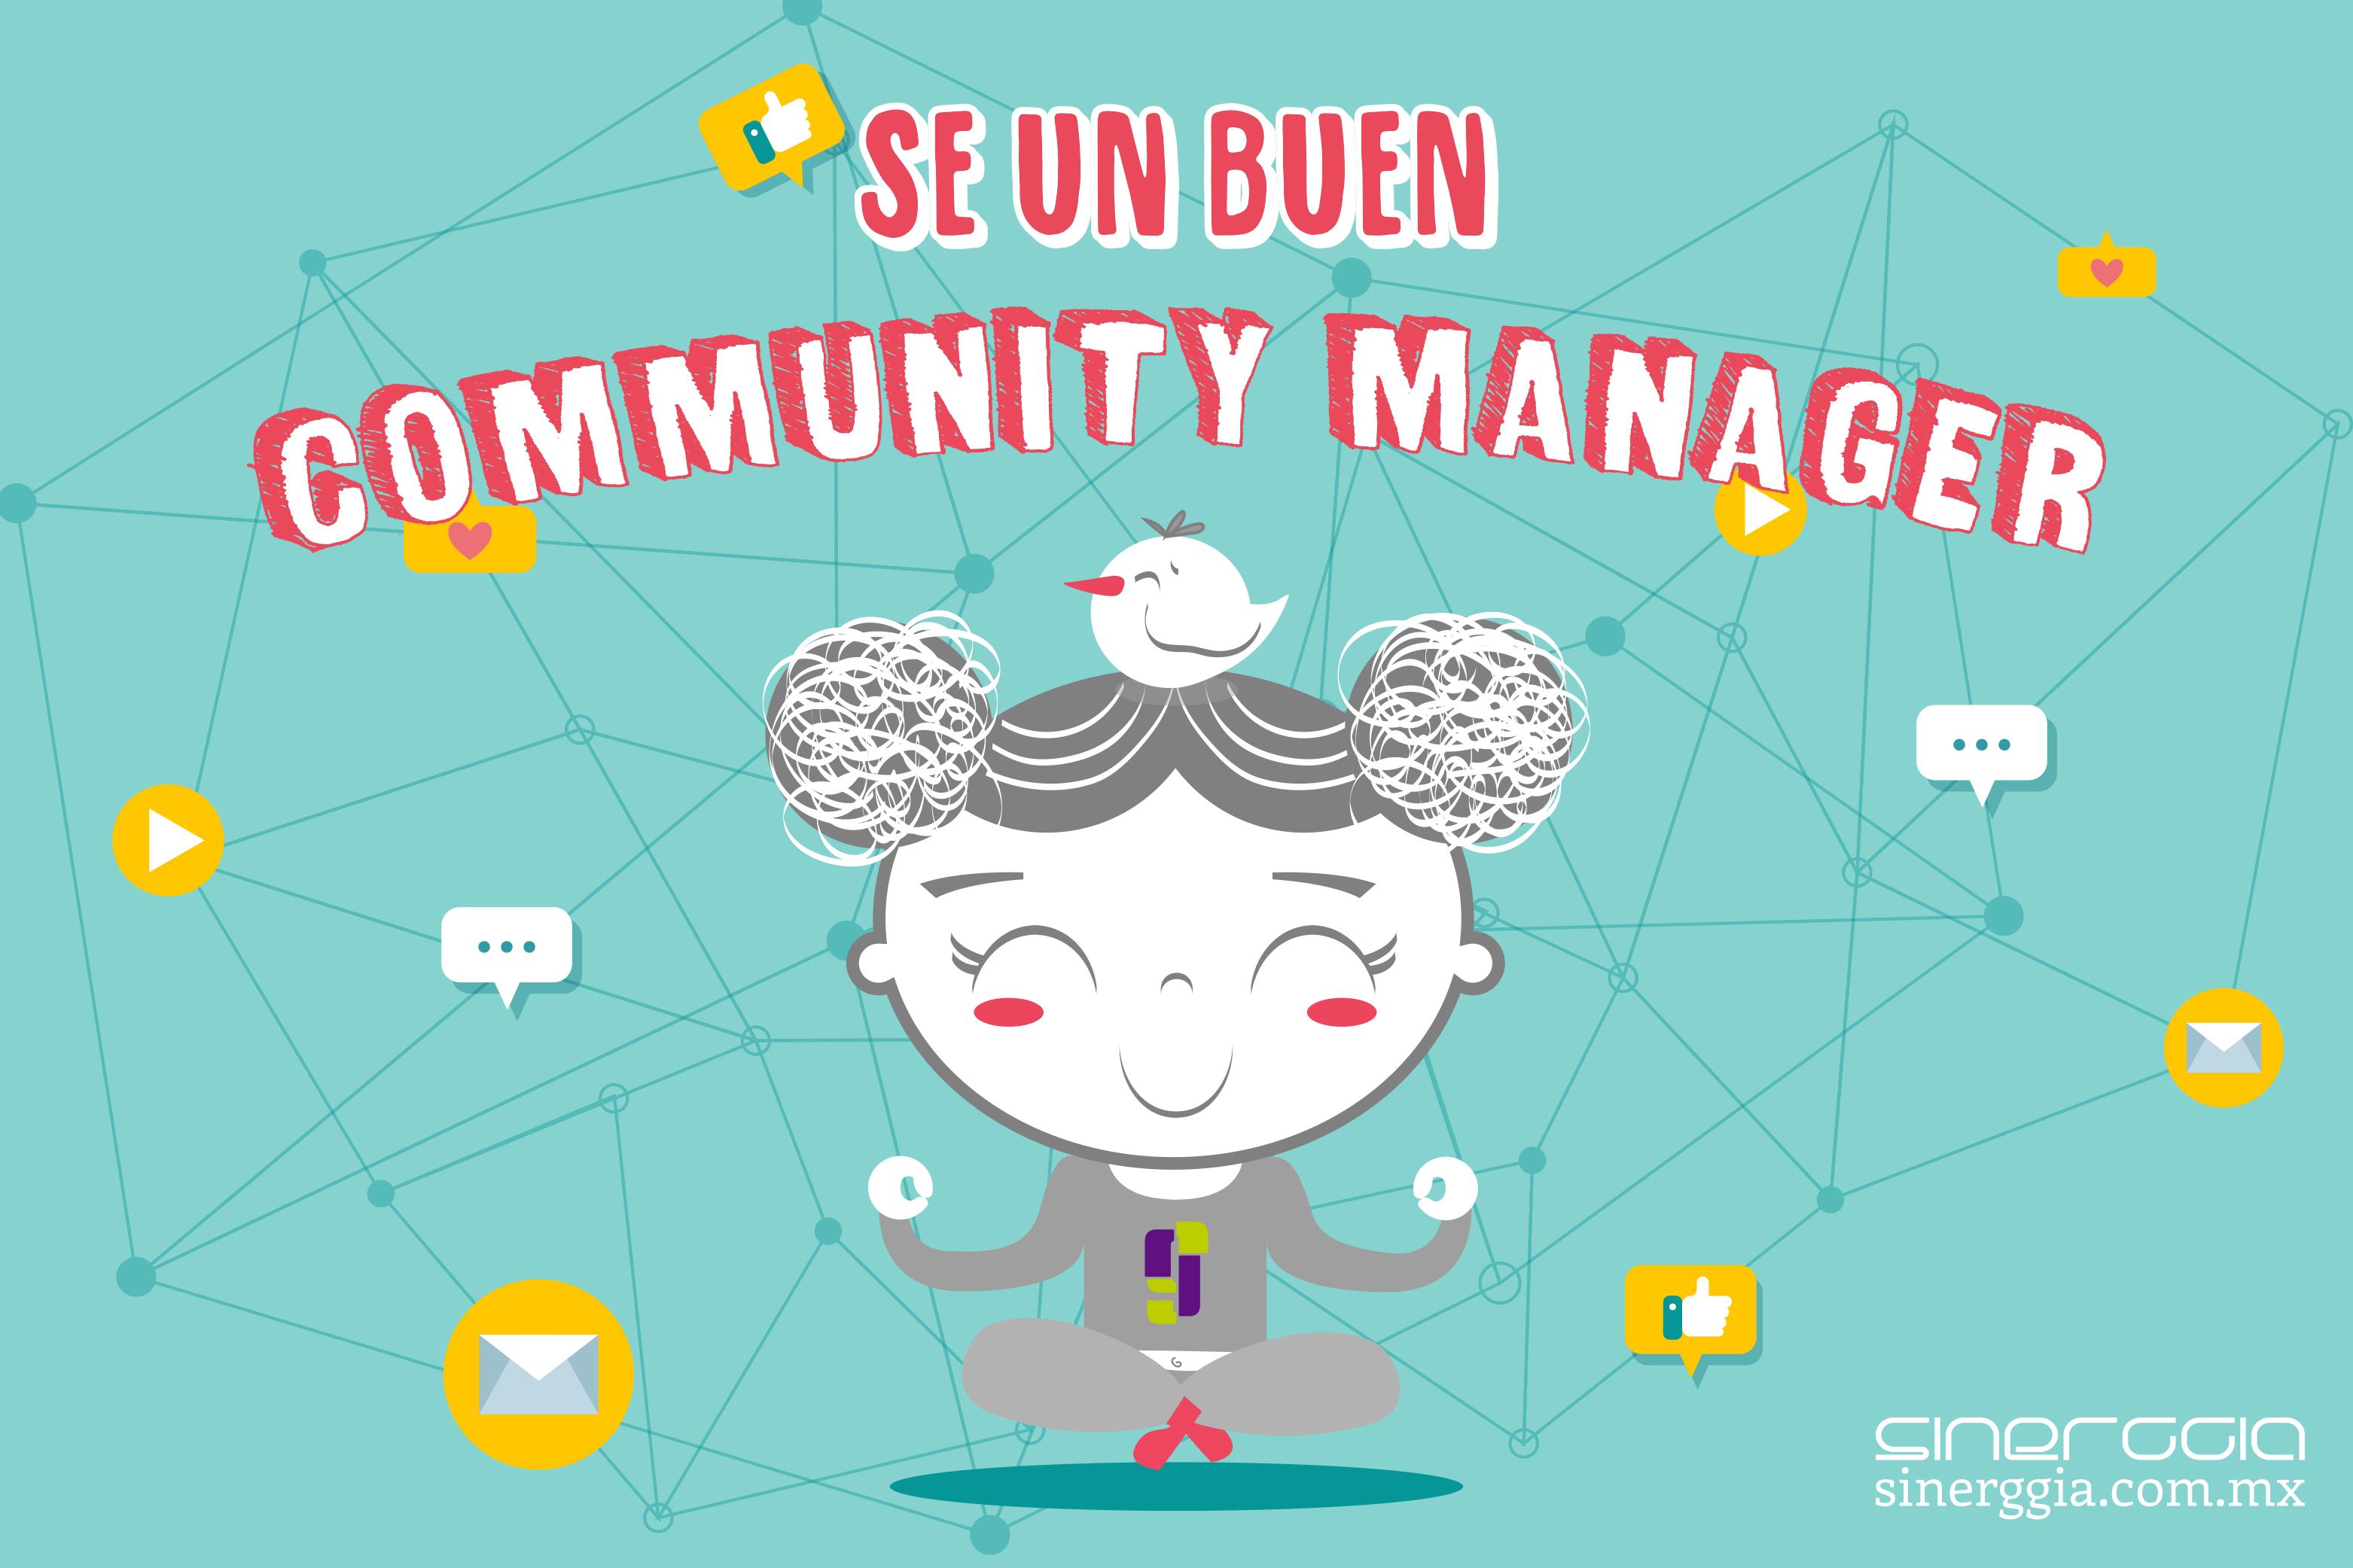 Se un buen Community Manager